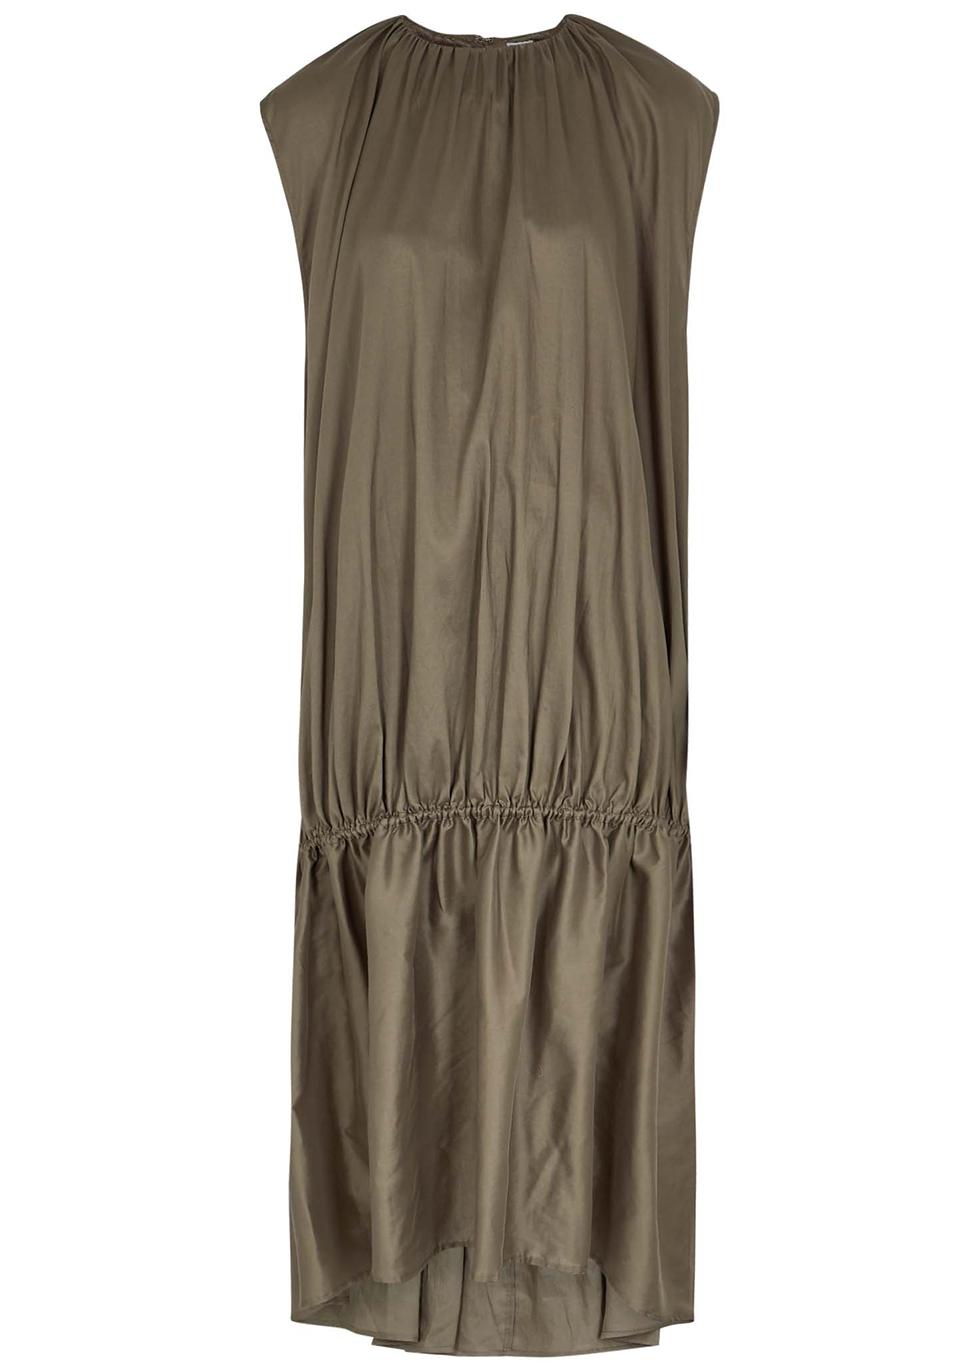 Pretoria olive gathered dress